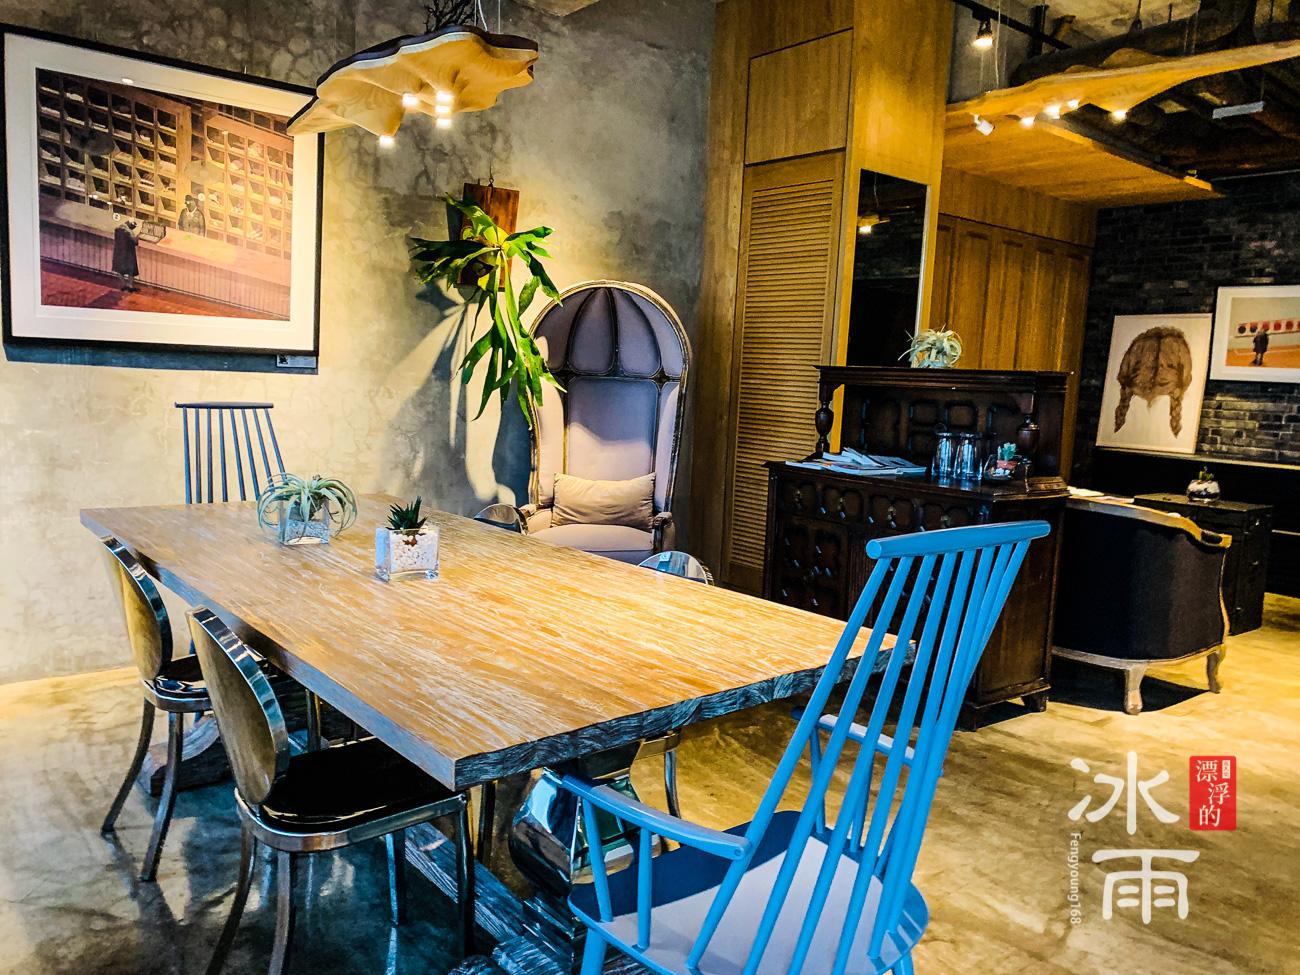 帕鉑舍旅 高雄住宿推薦 二樓這裡還可以當成會議室使用